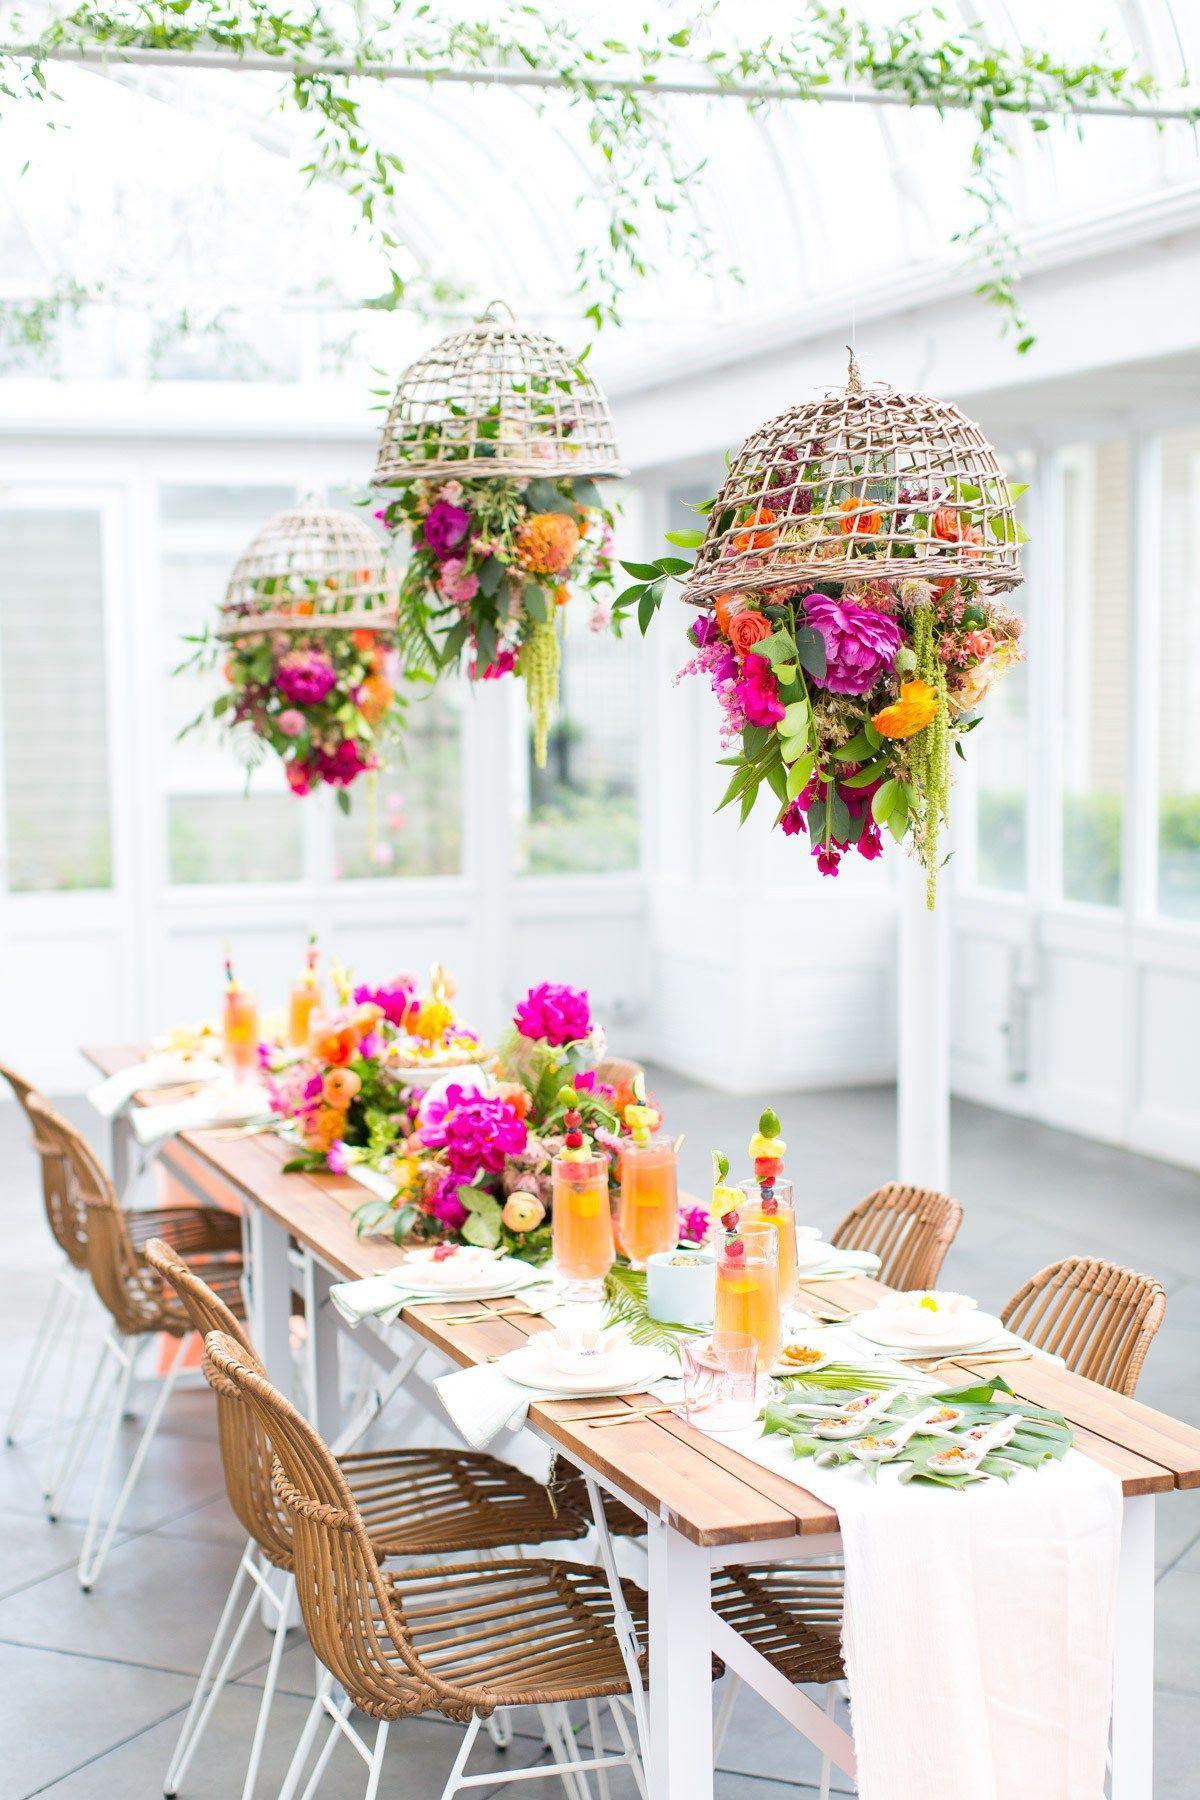 Lustre decorado flores mesa de madeira decora§£o branca e simples DIY Fa§a vocª mesmo o fazer um Lustre Floral Suspenso